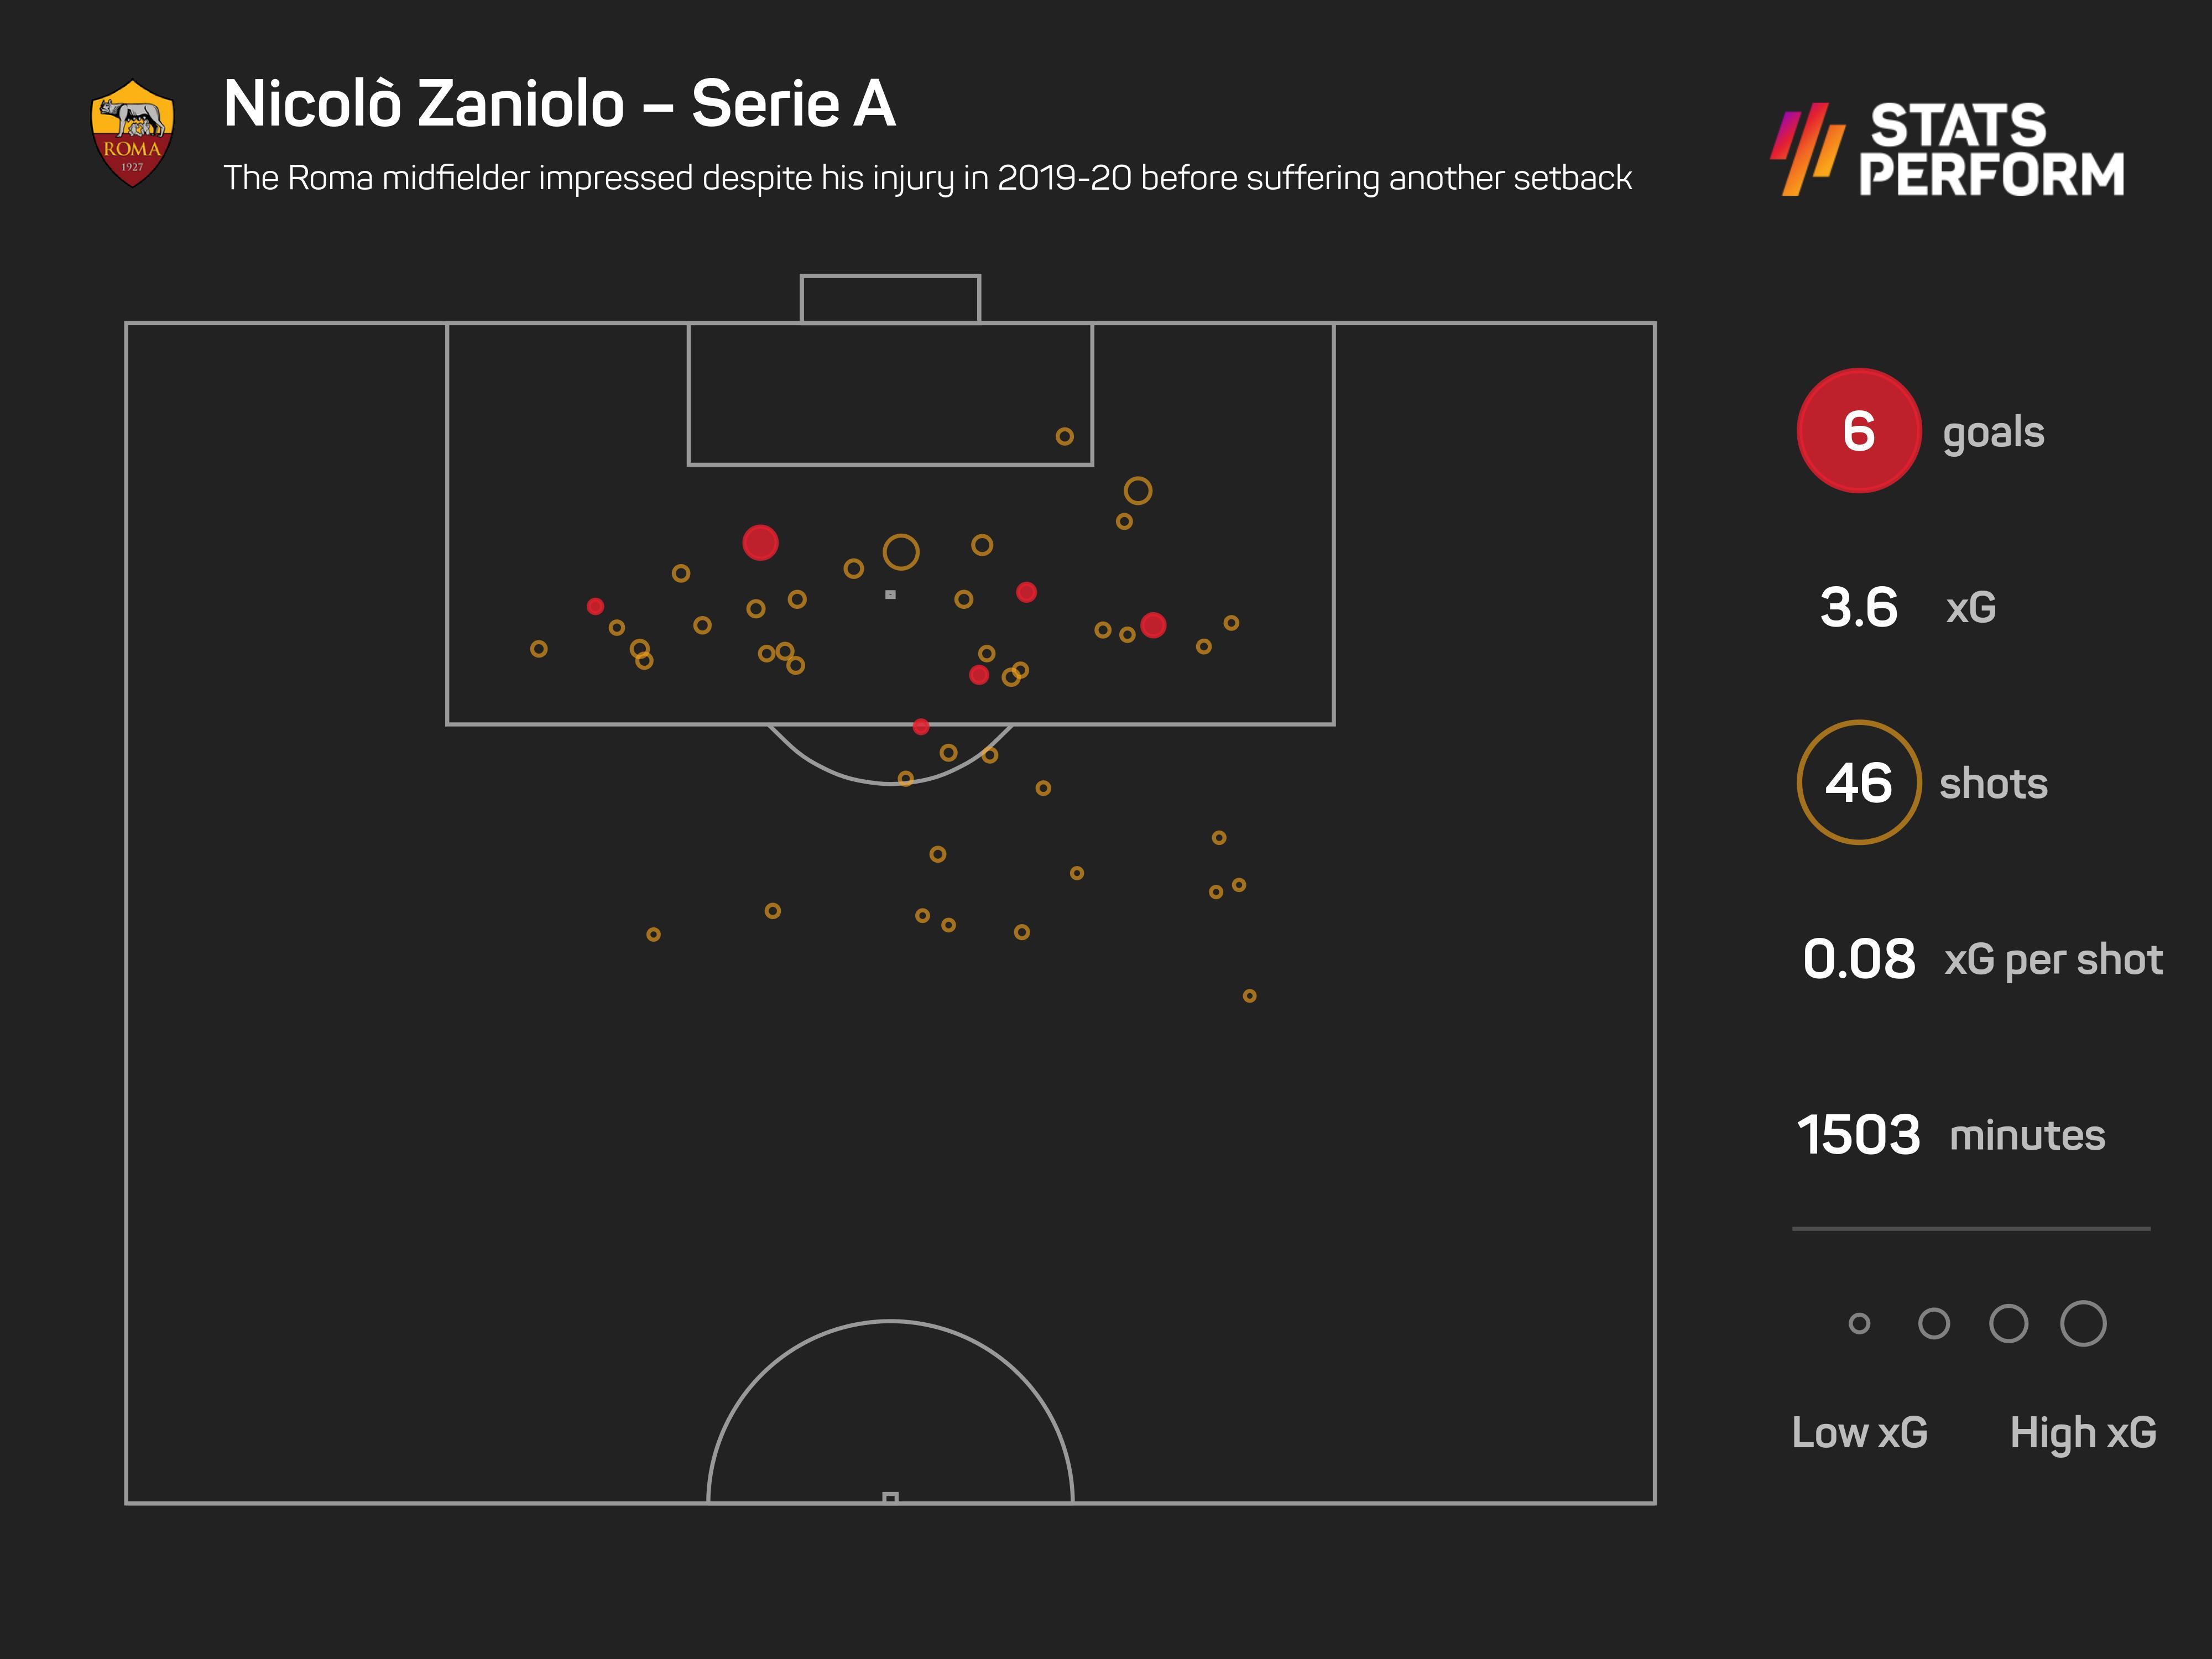 Nicolo Zaniolo during 2019-20